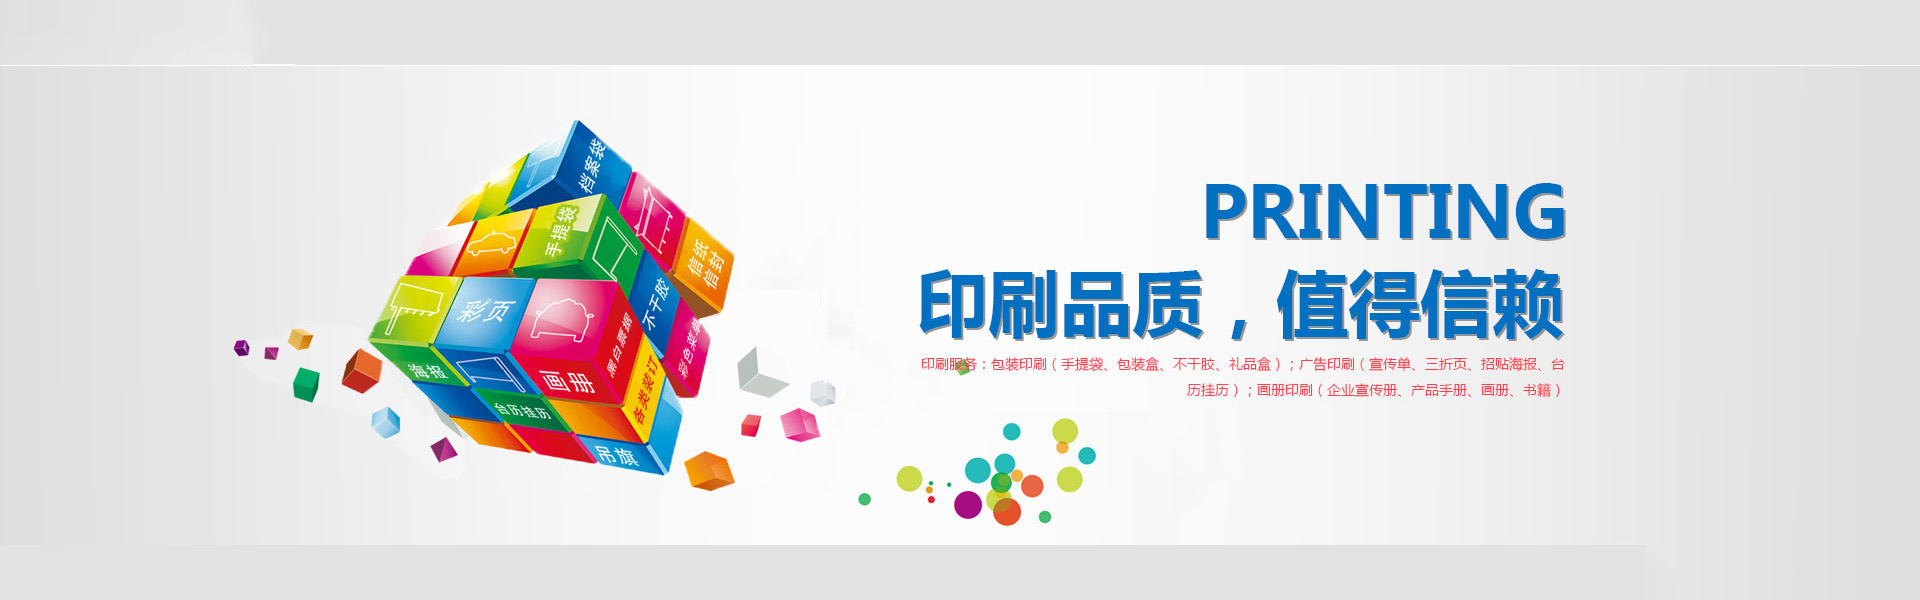 貴州印刷廠